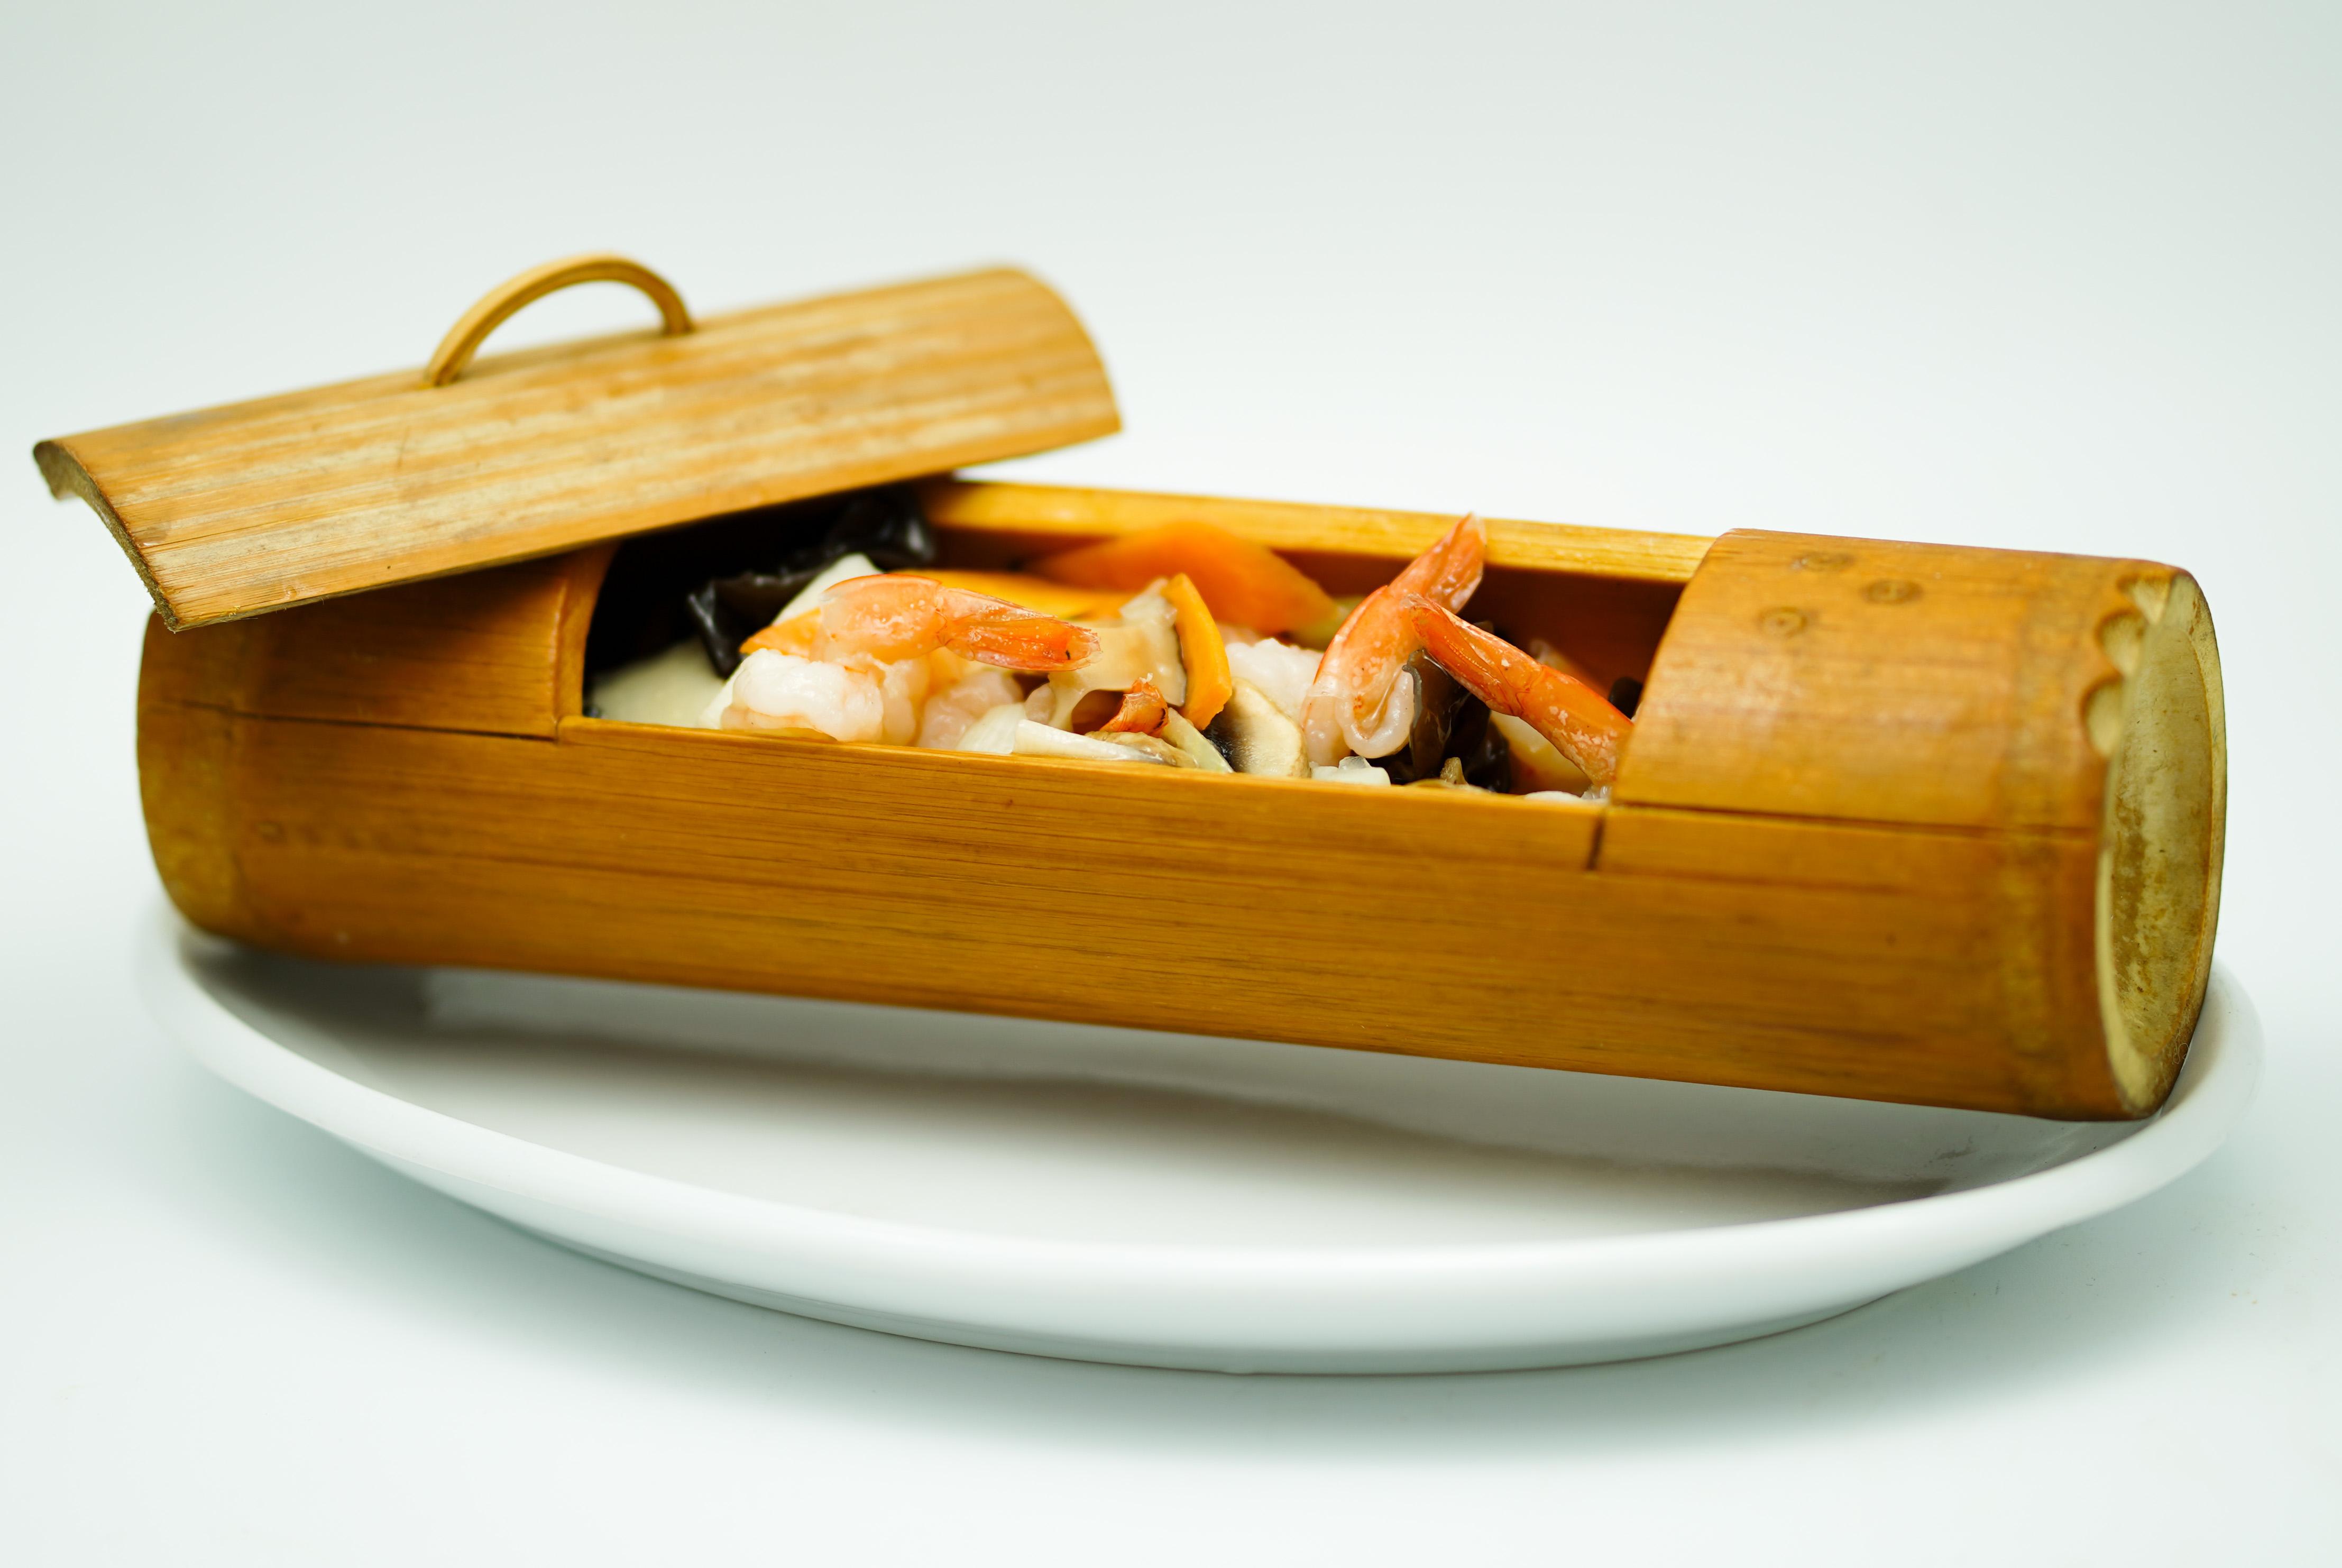 creveti-in-coaja-de-bambus